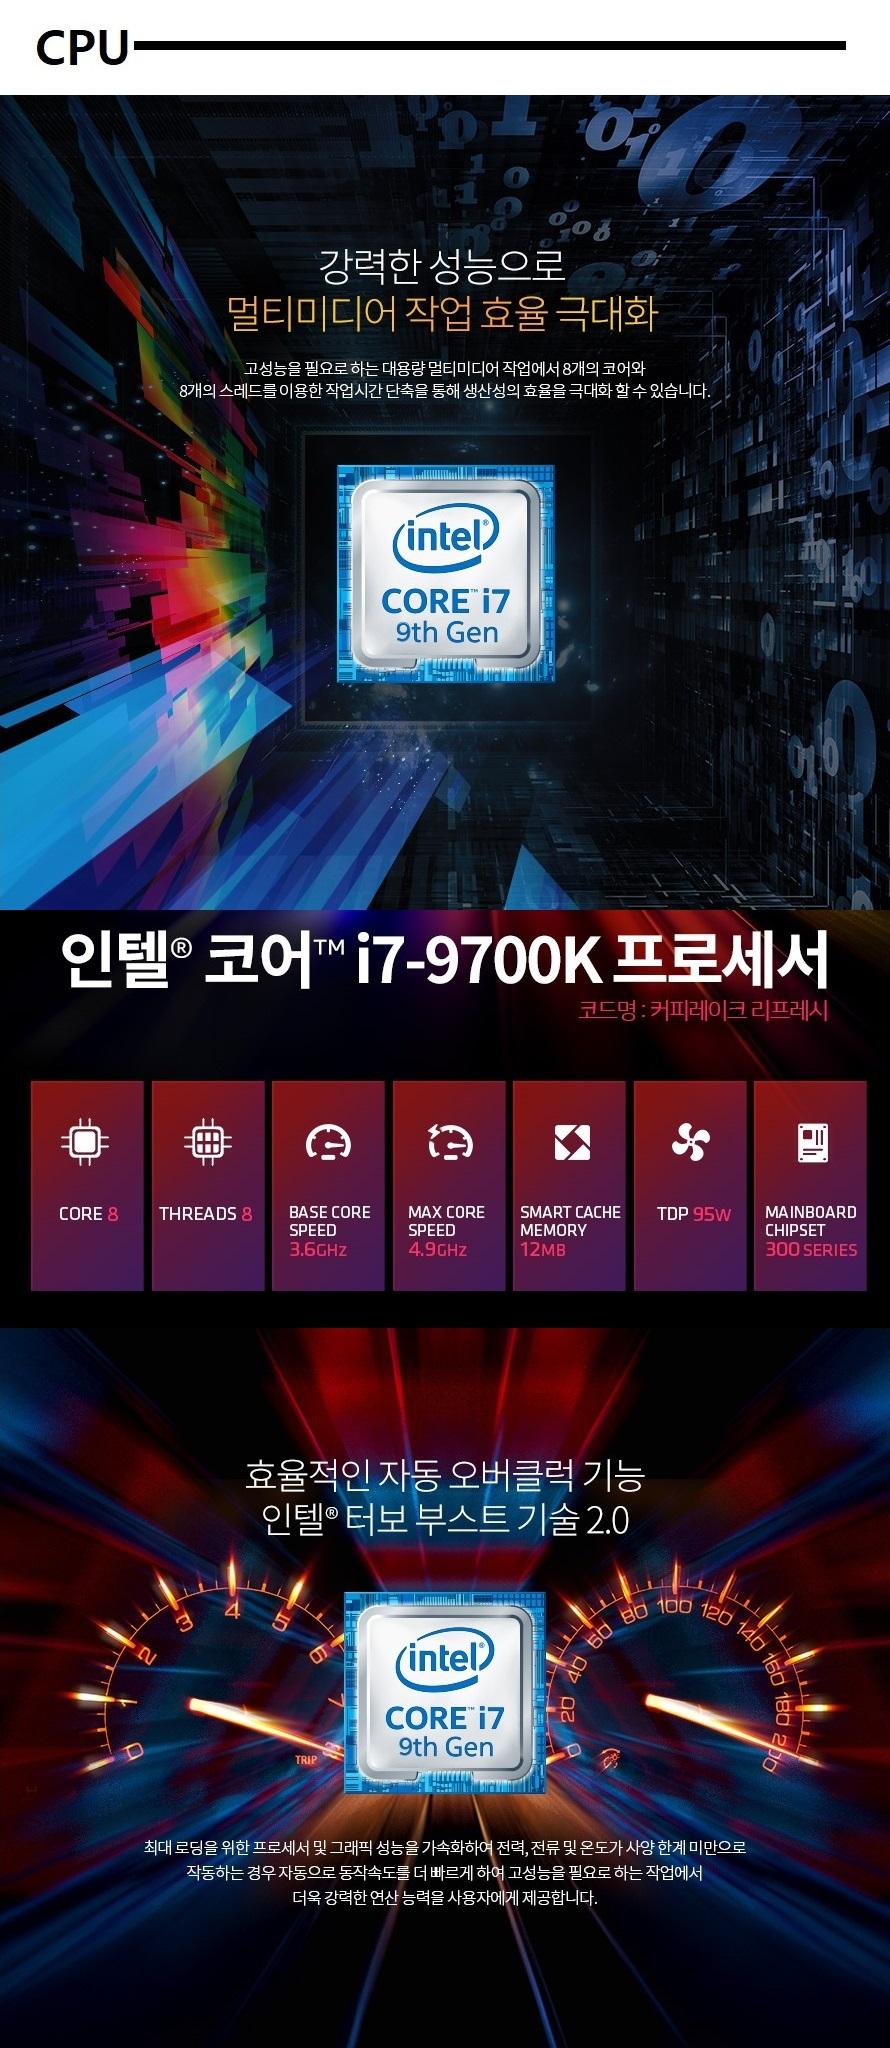 [인텔] 커피레이크-R i7-9700K [3.6GHz/8C8T] 터보4.9GHz 정품